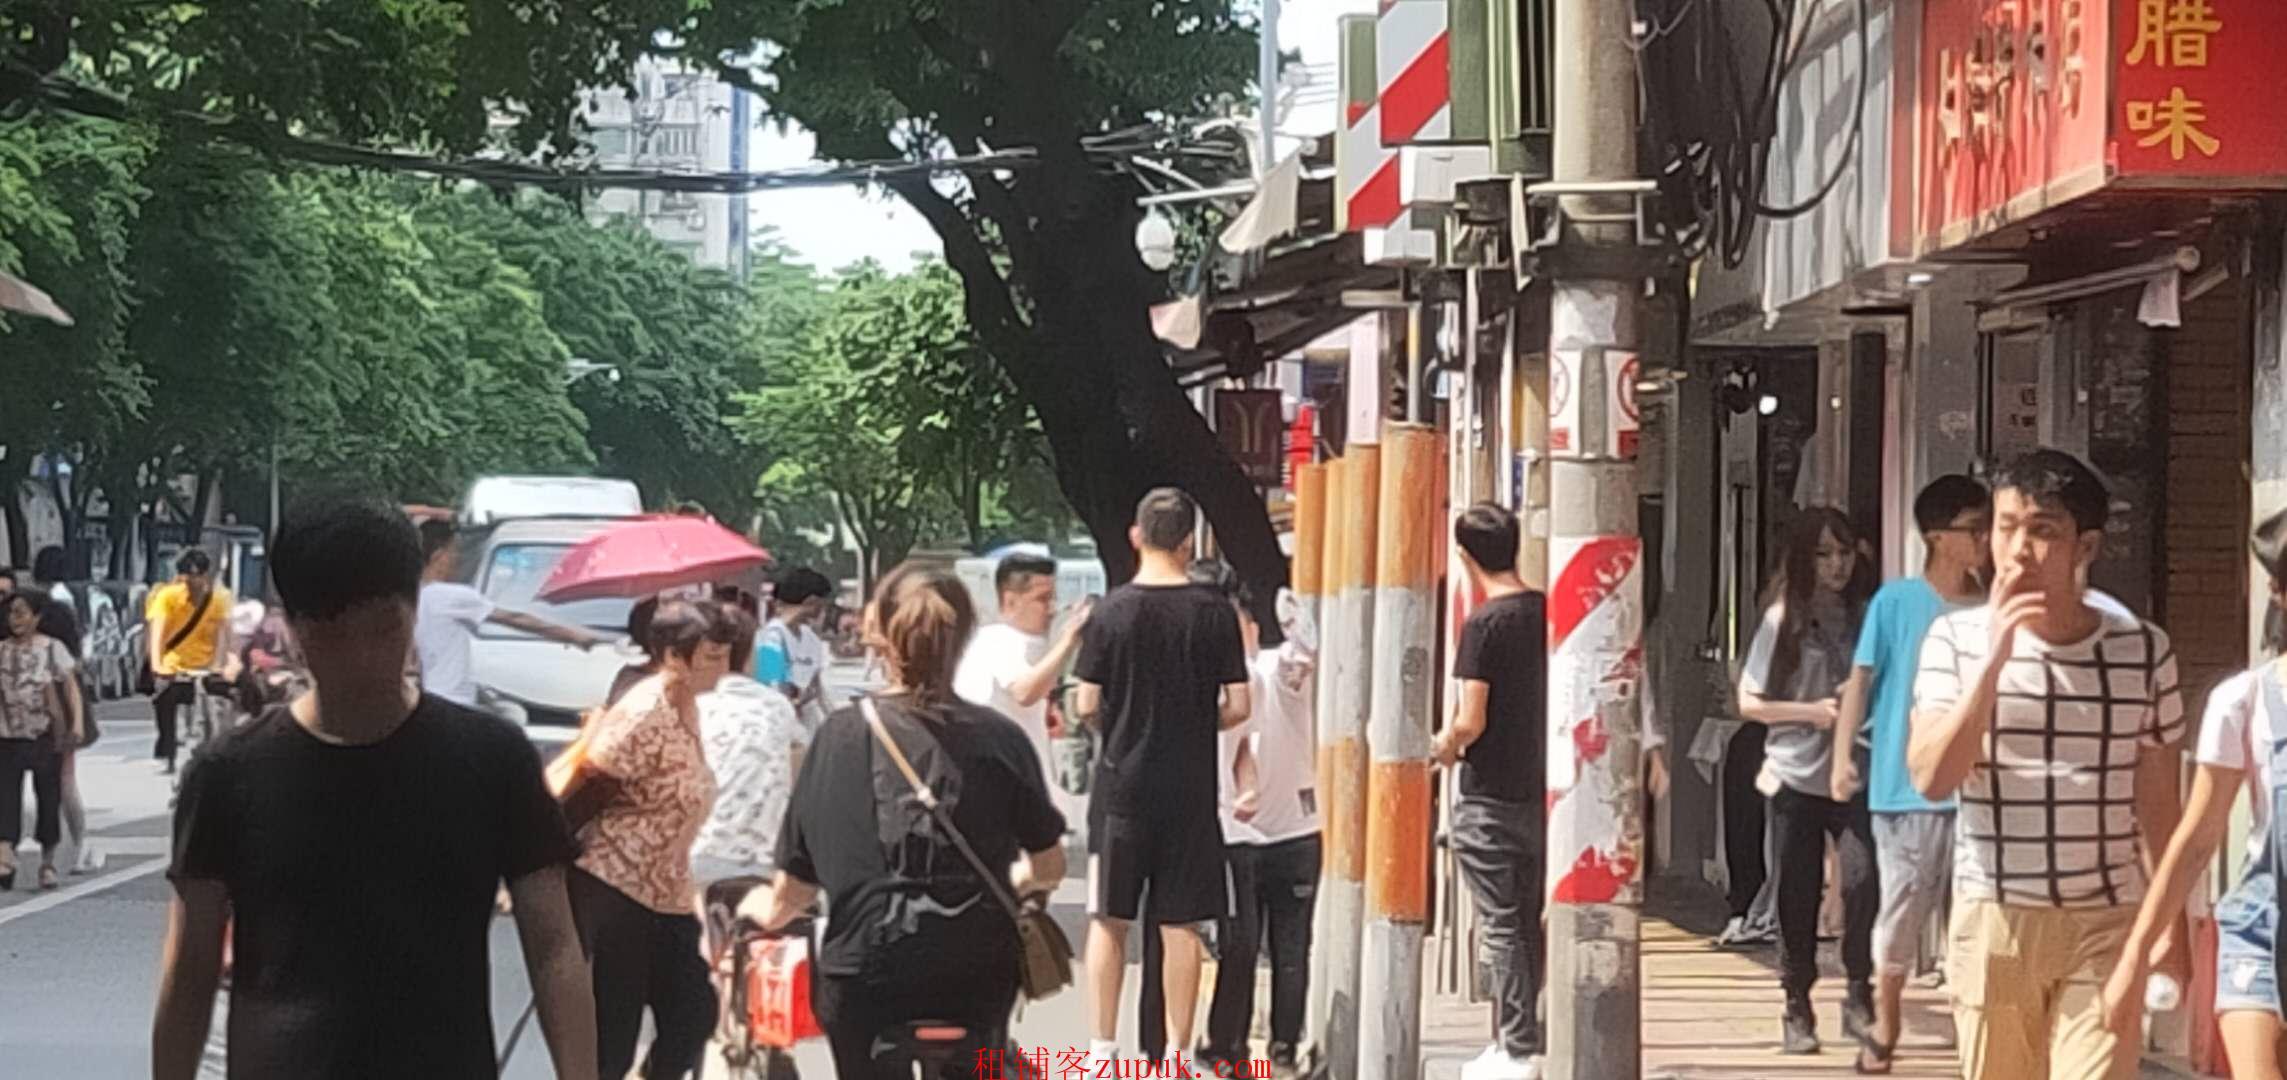 荔湾广场,纯1楼小吃店,人流无敌,租金低,业态不限